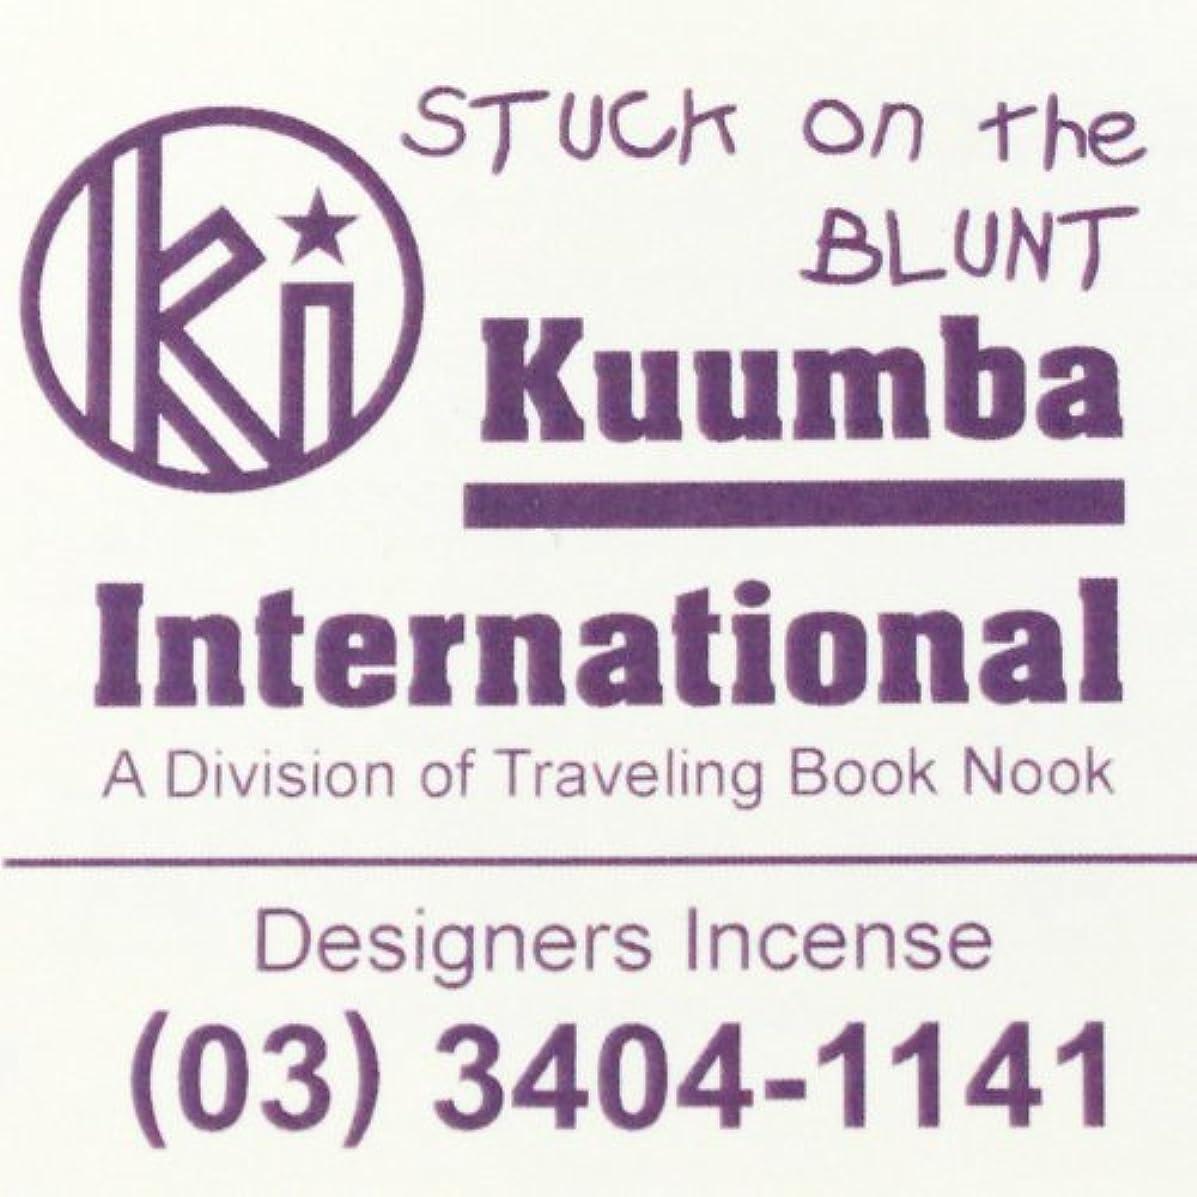 鰐接地誓約(クンバ) KUUMBA『incense』(STUCK on the BLUNT) (Regular size)